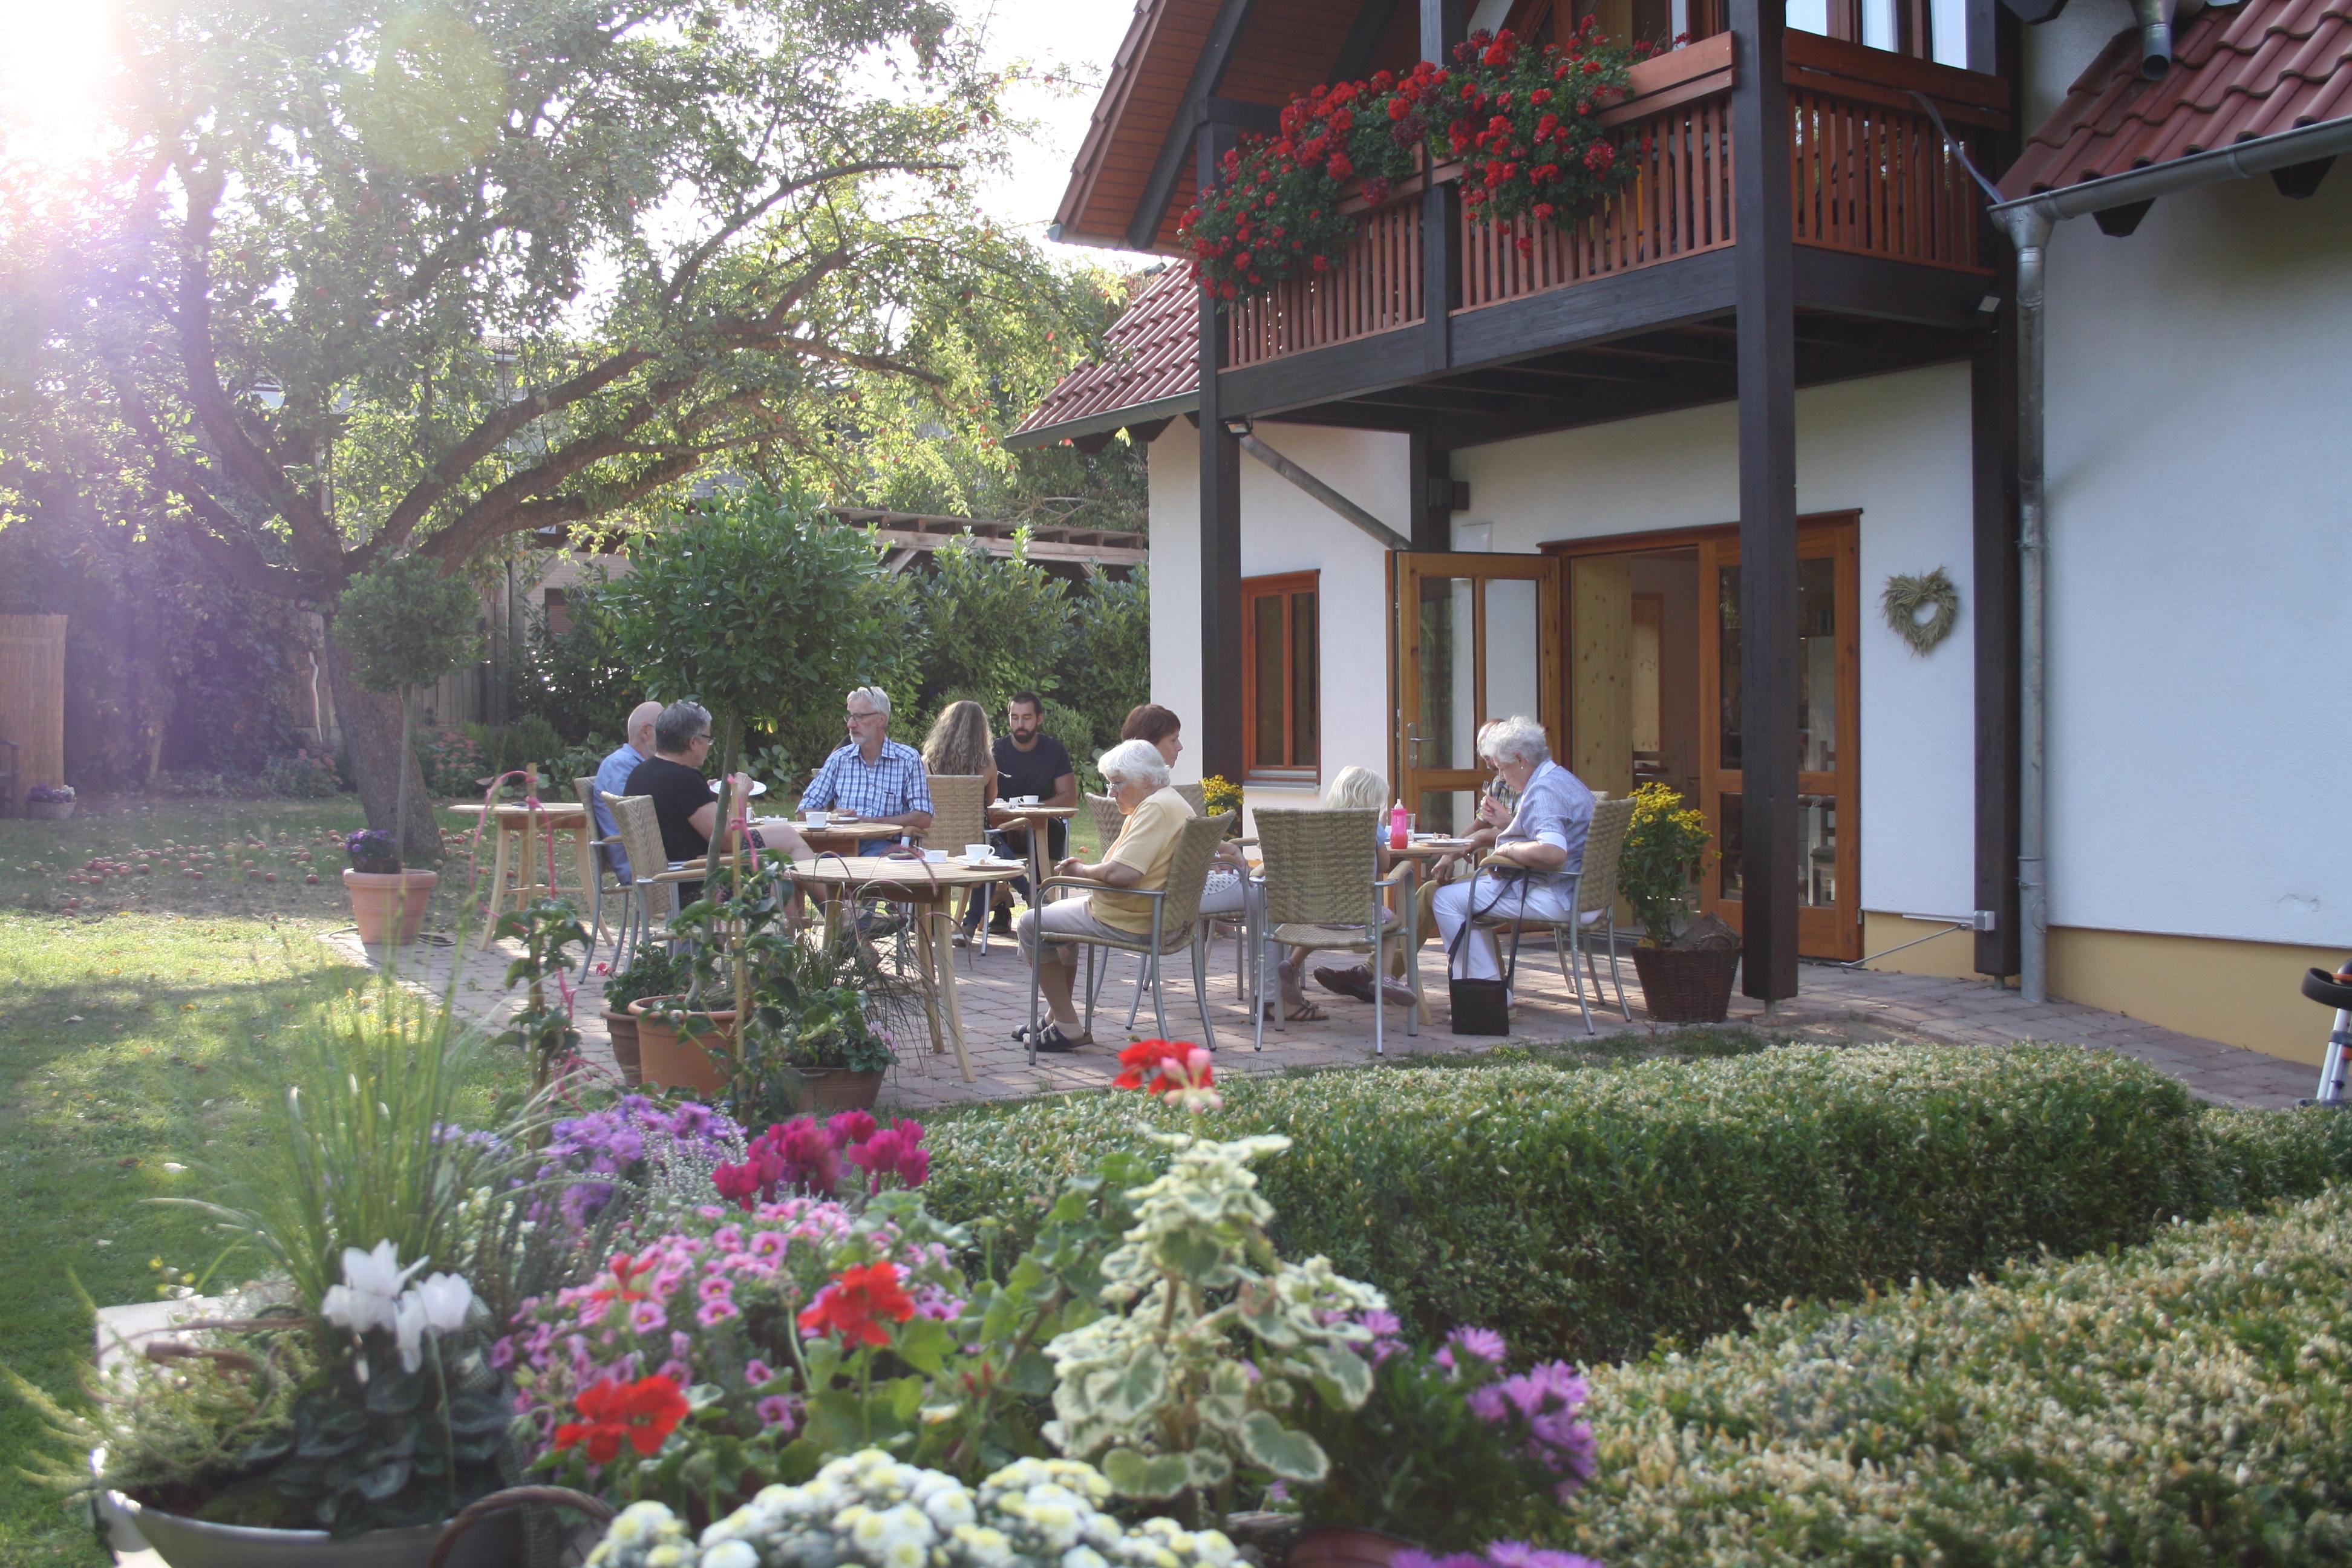 Schmidts Café Garten